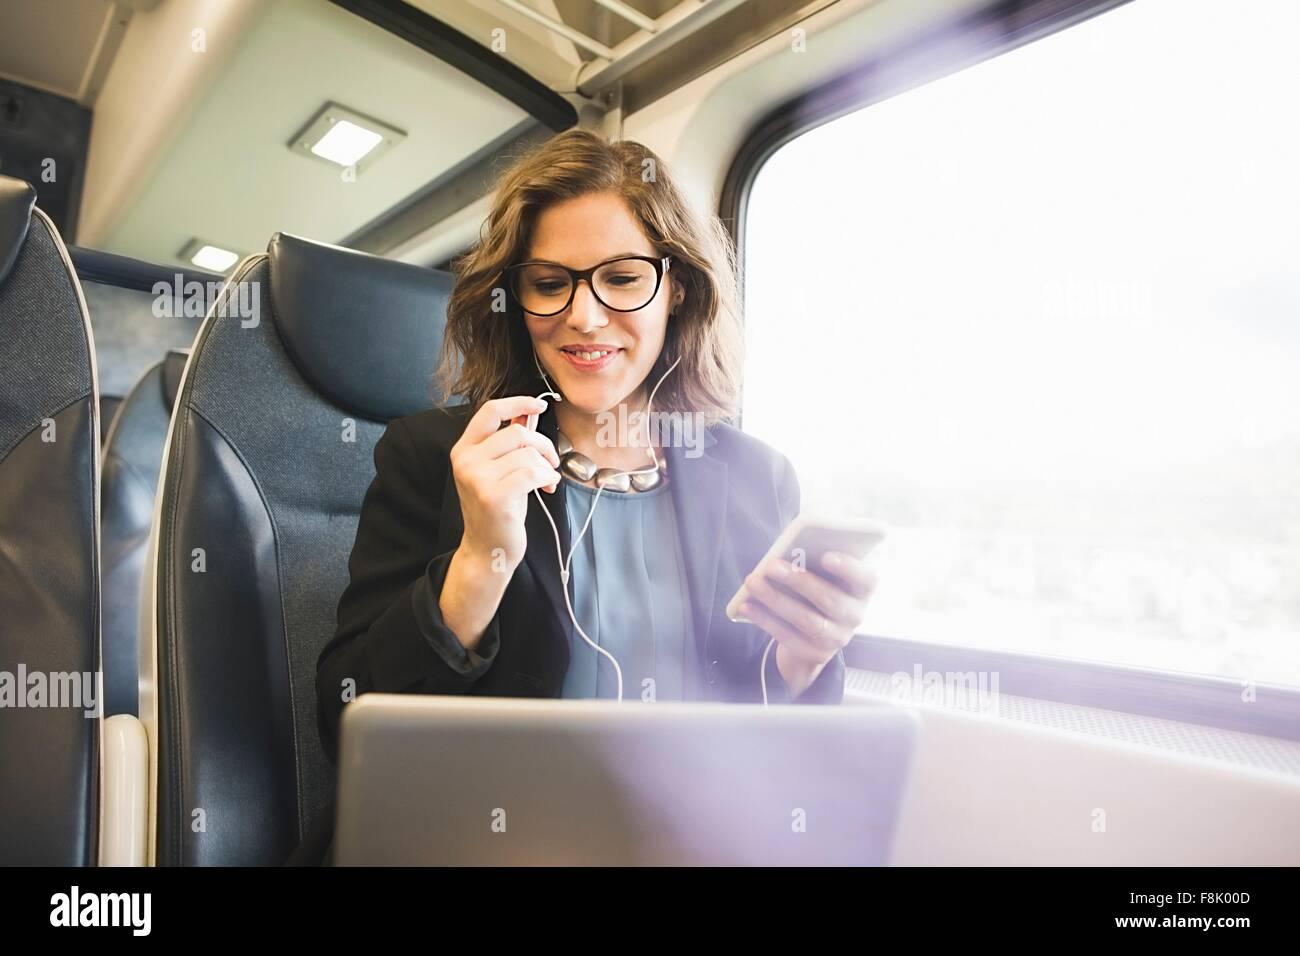 Metà donna adulta sul treno, tenendo lo smartphone, guardando il computer portatile Immagini Stock